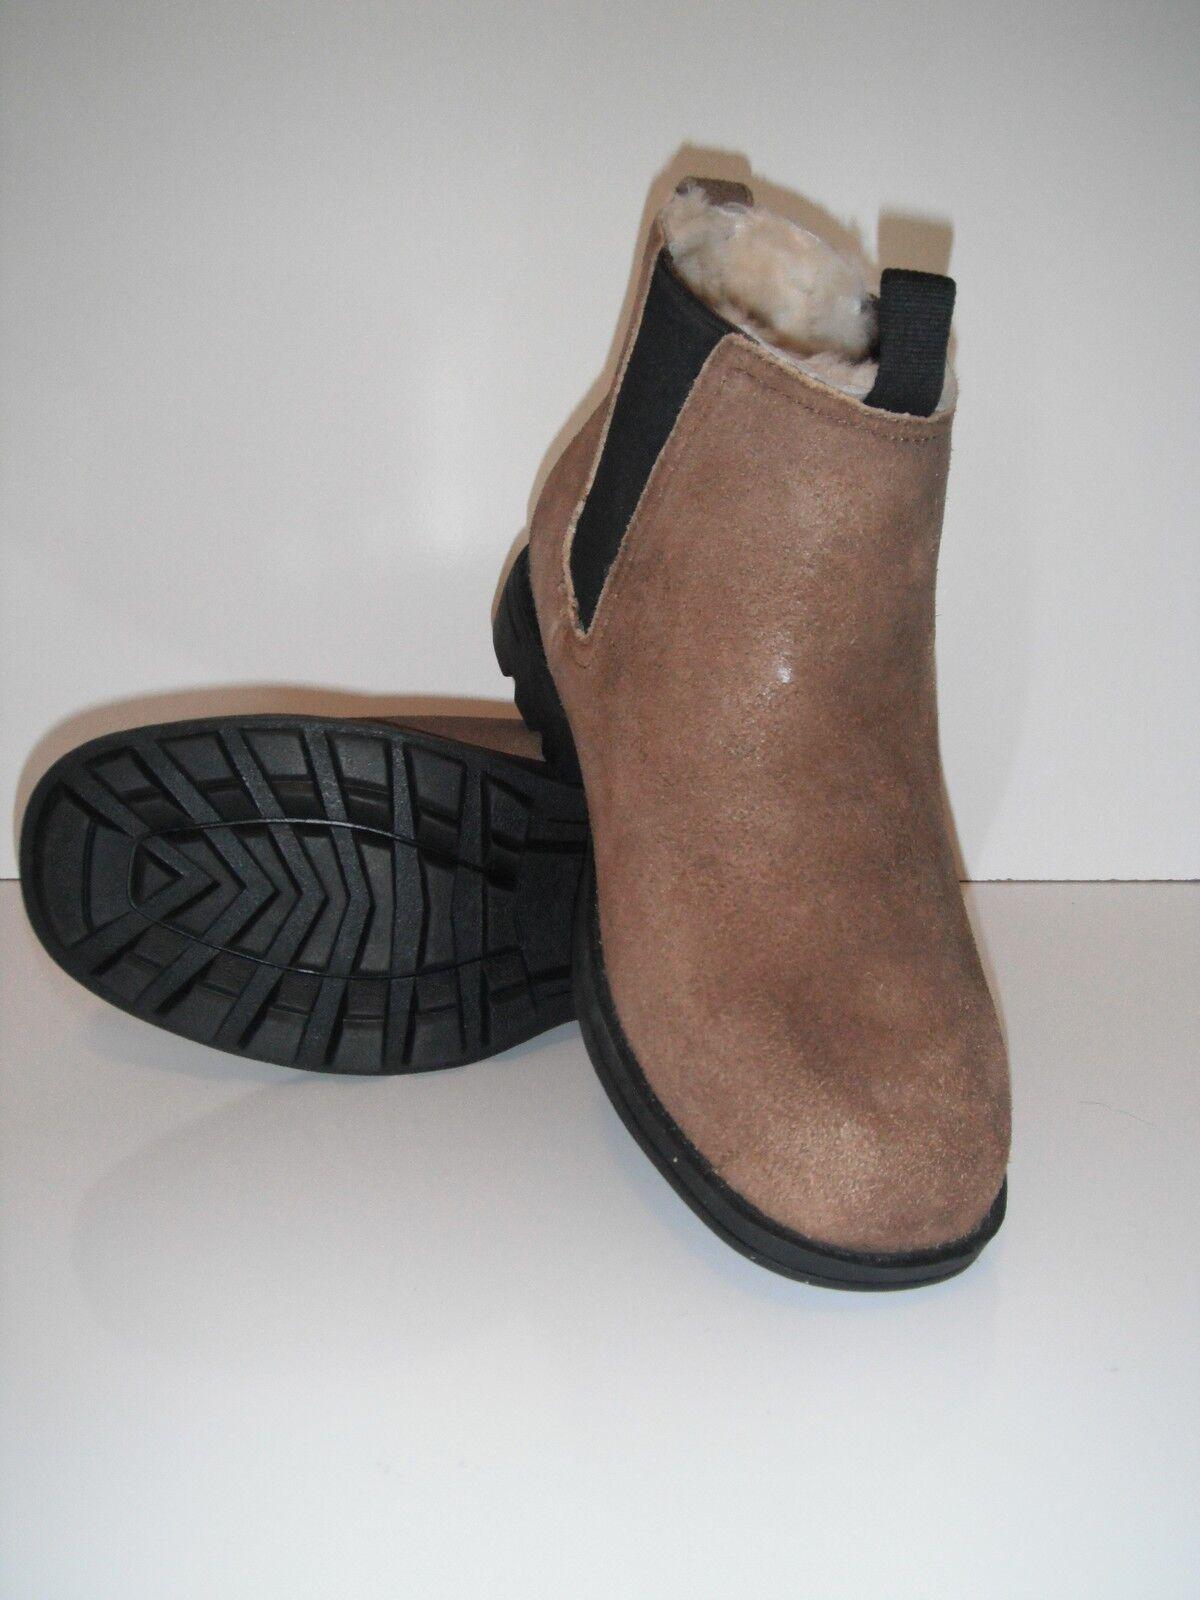 New Bearpaw Larkin II Brown Pressed Suede Sheepskin Winter Footbed Boot sz 9